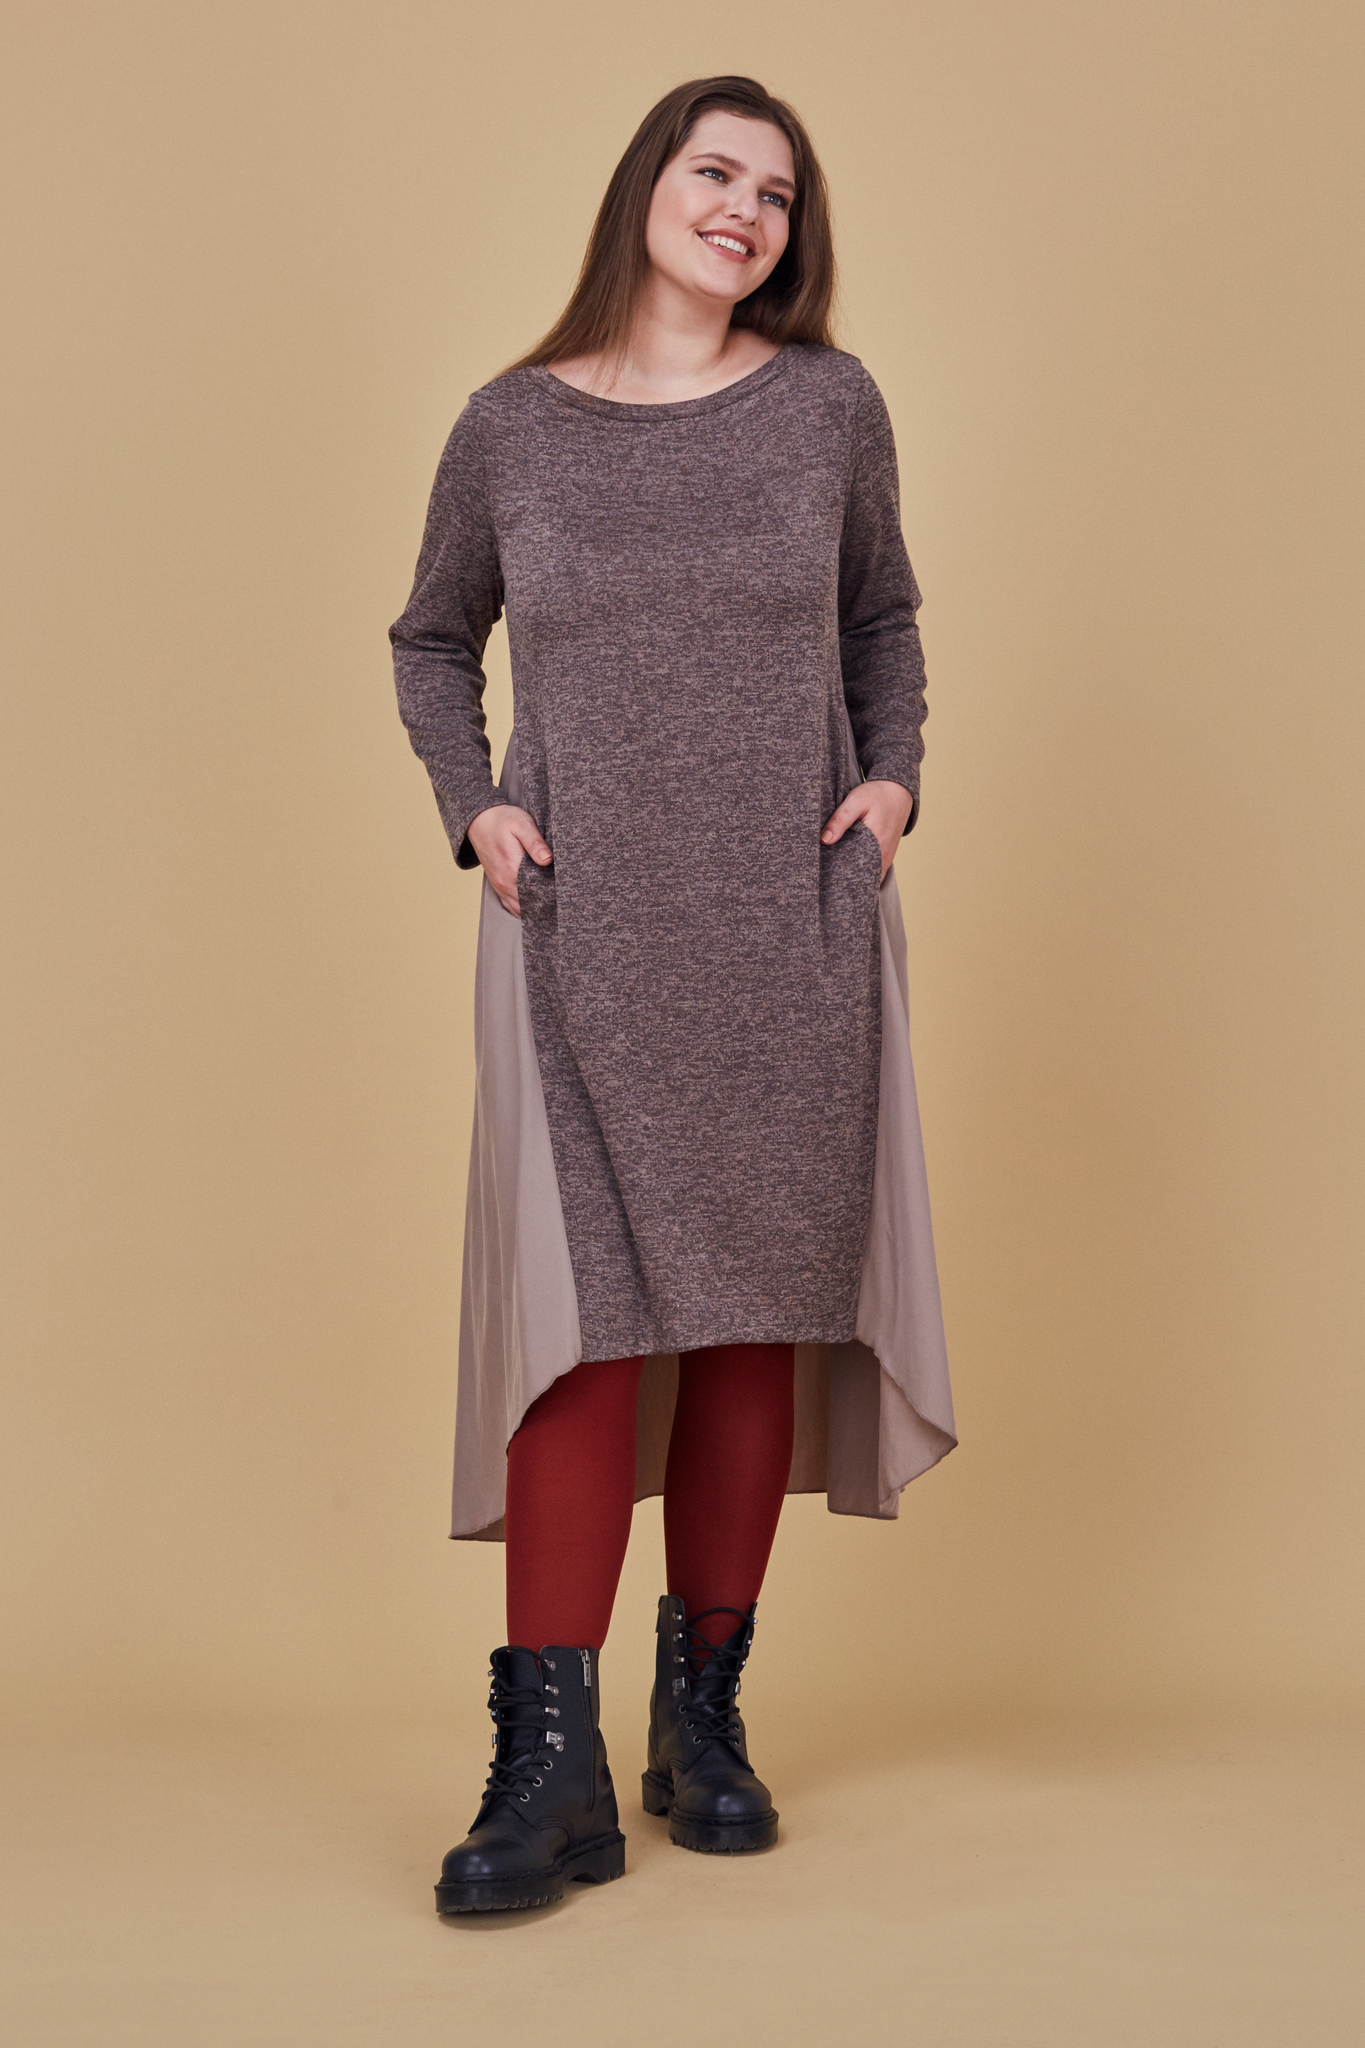 Платье LE-07 D04 15Платья<br>Трикотажное платье чуть ниже колена, с летящей отрезной спинкой. Ассиметричные линии низа,необычное сочетание материалов, максимальная функциональность и универсальность сделают его, одной из самых любимых вещей в гардеробе. Прекрасно сочетается с любой обувью и акссессуарами. Рост модели на фото 178 см, размер 54 (российский).<br>